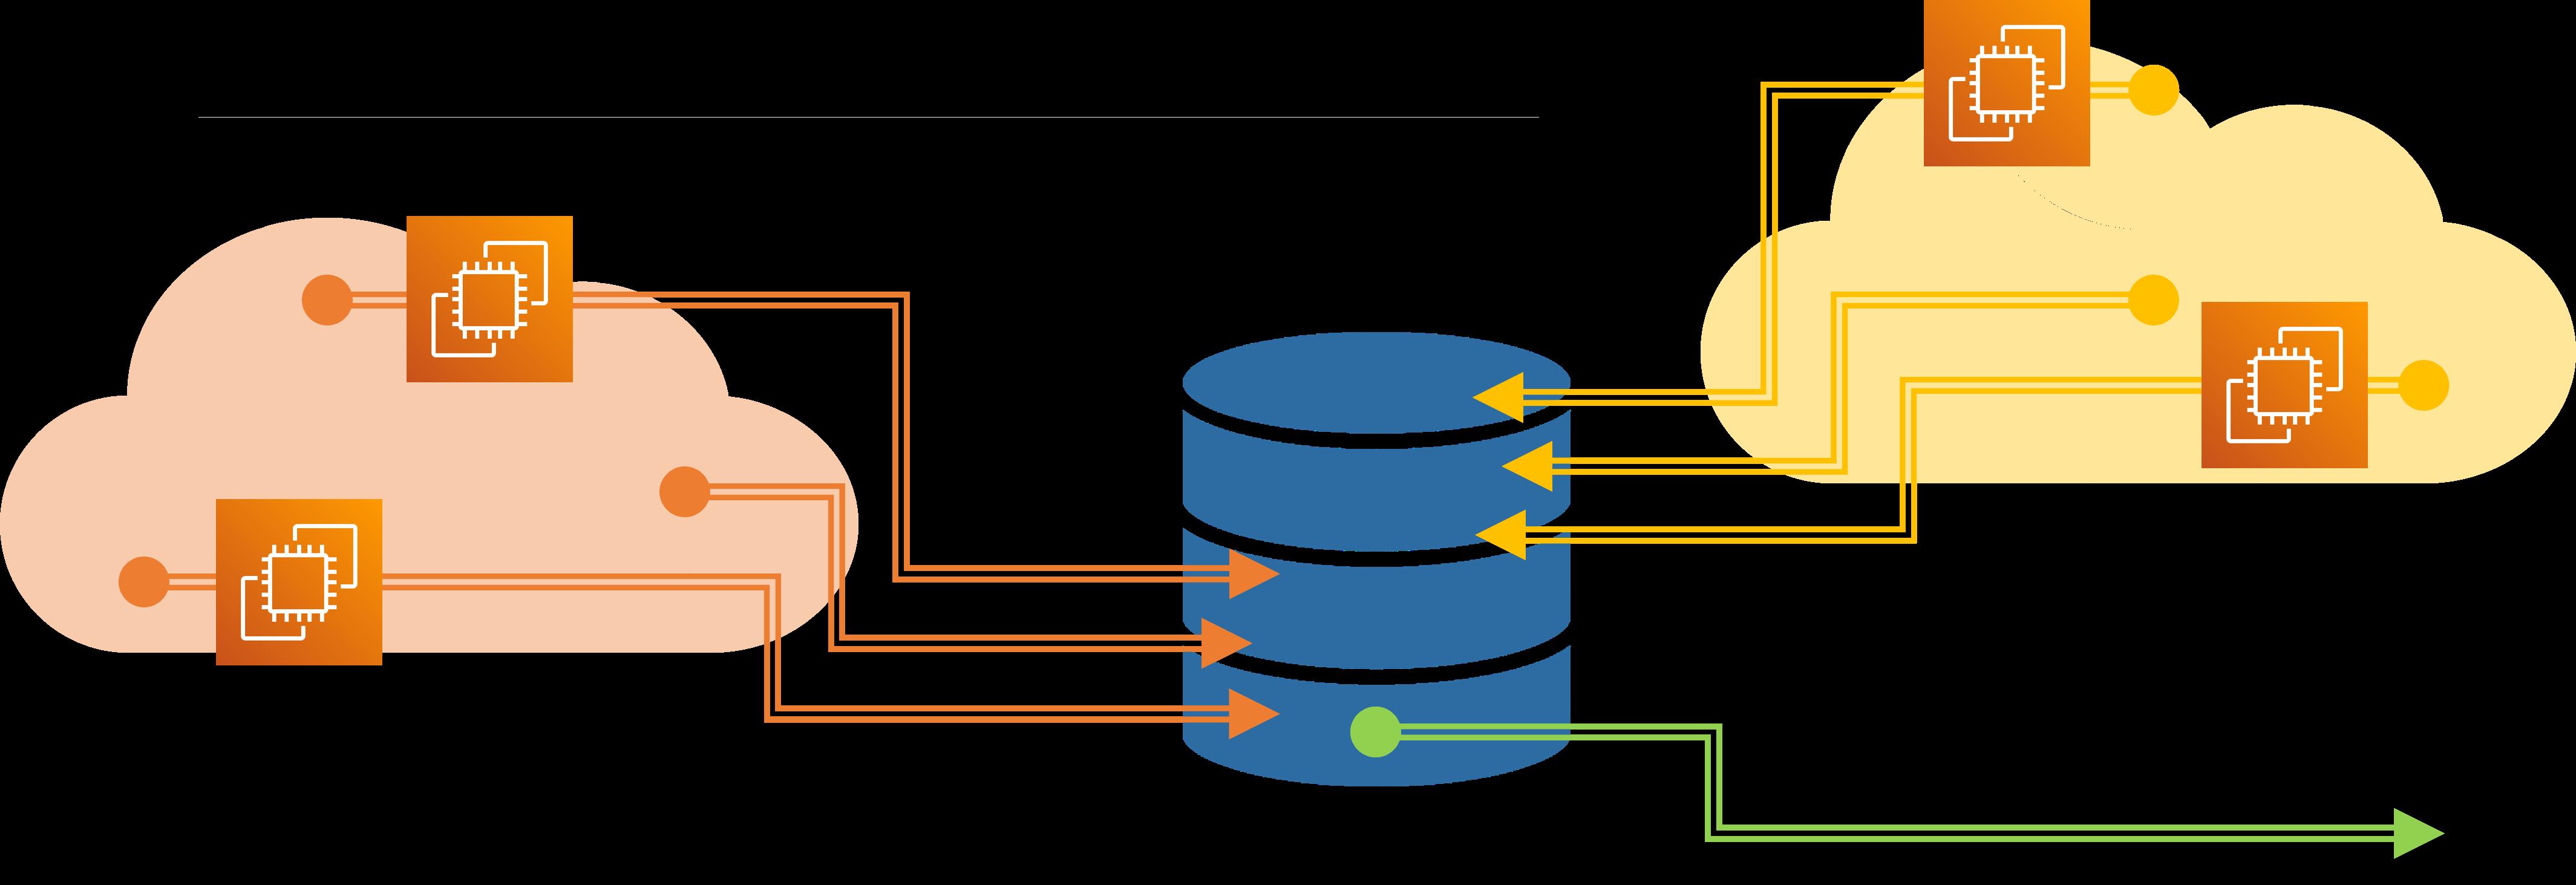 DynamoDBとTimestreamの比較方法